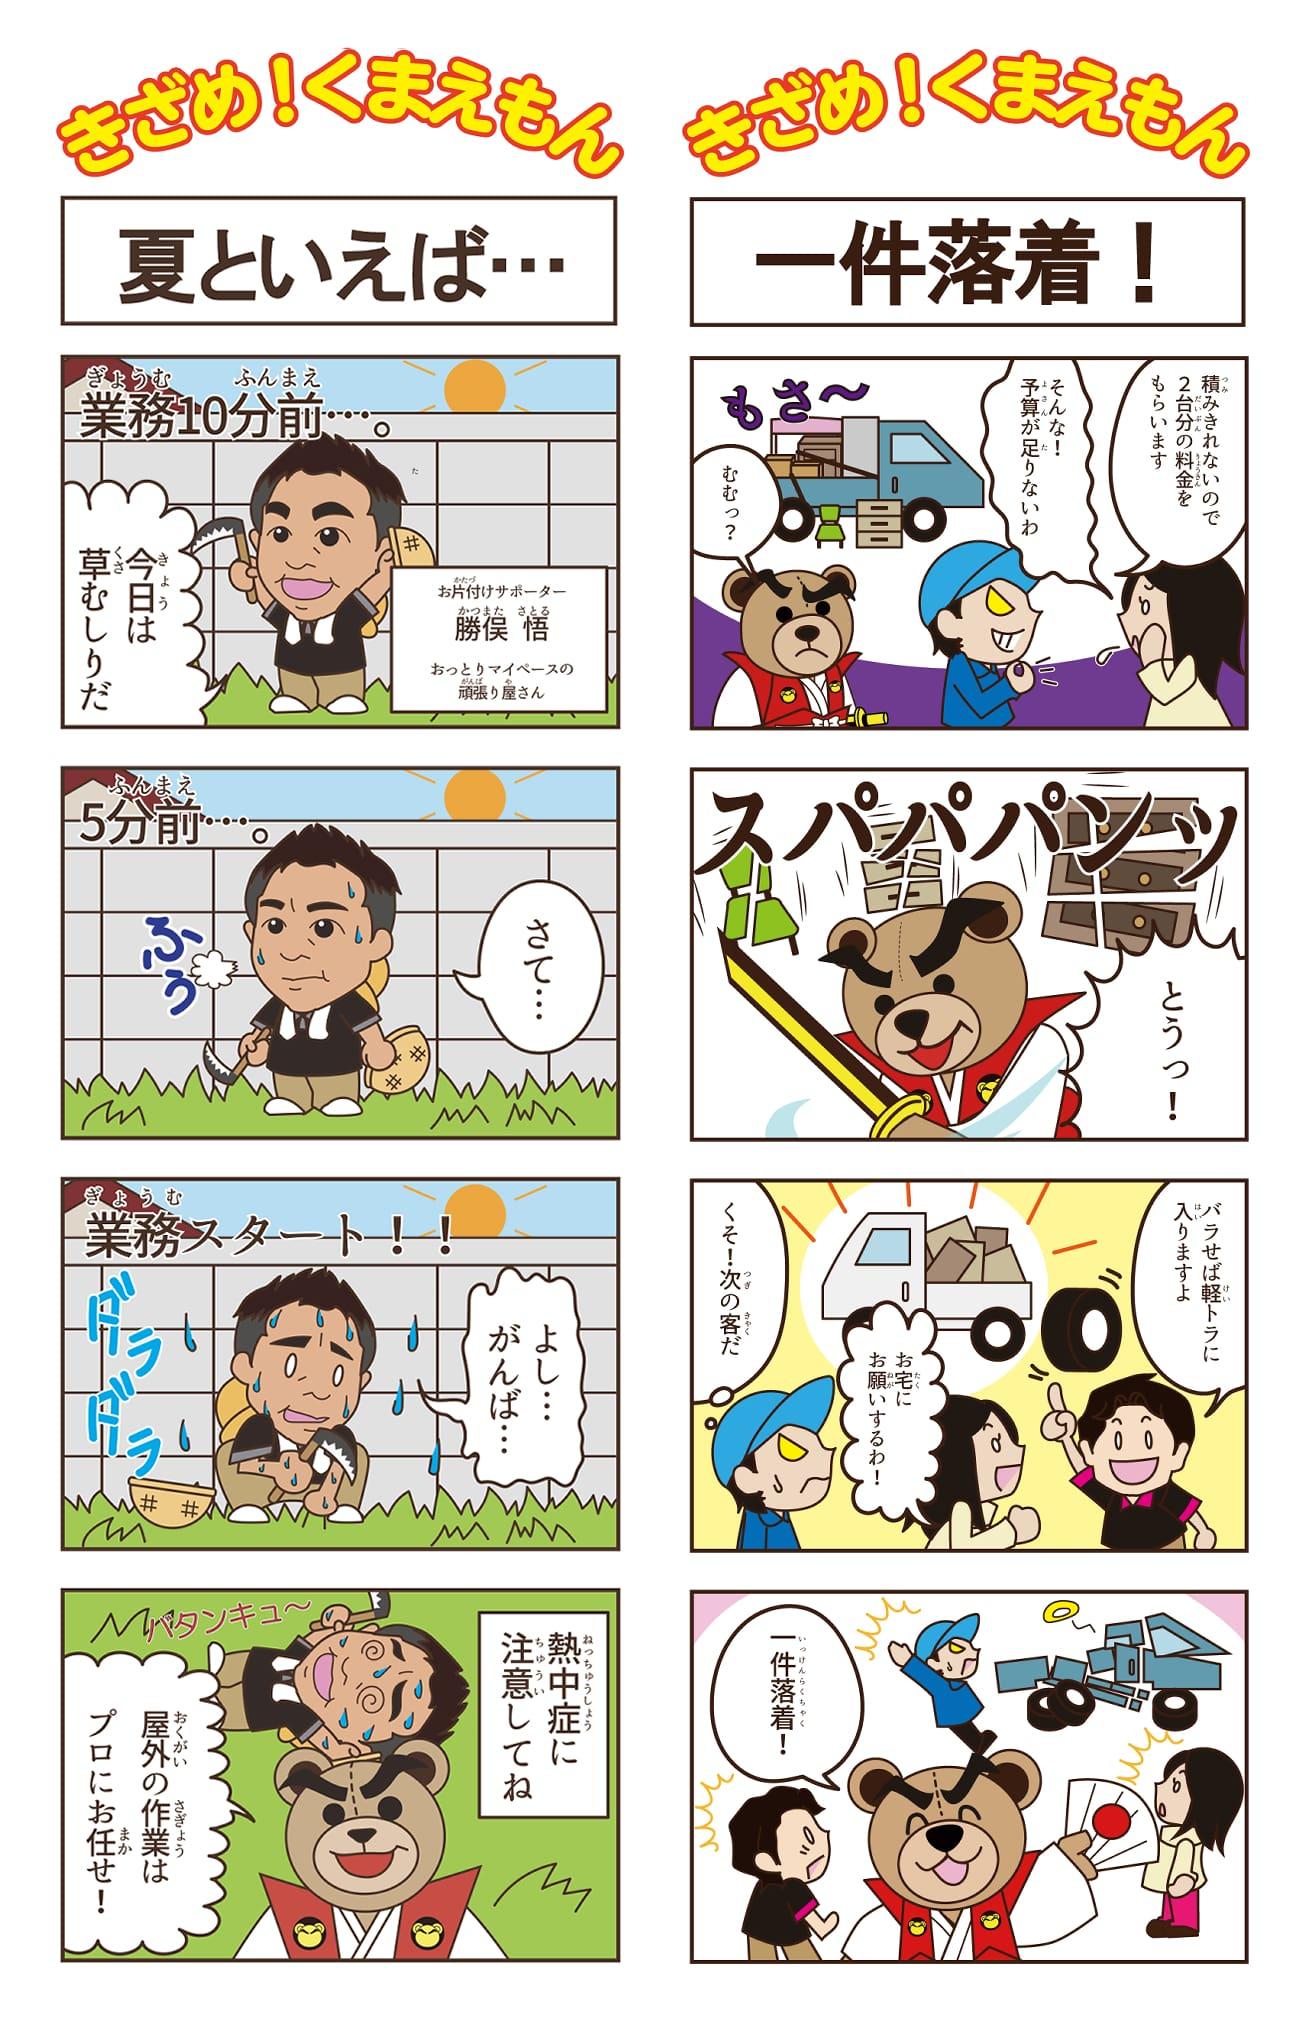 きざみ屋本舗4コマ漫画『きざめ!くまえもん』掲載サンプル2